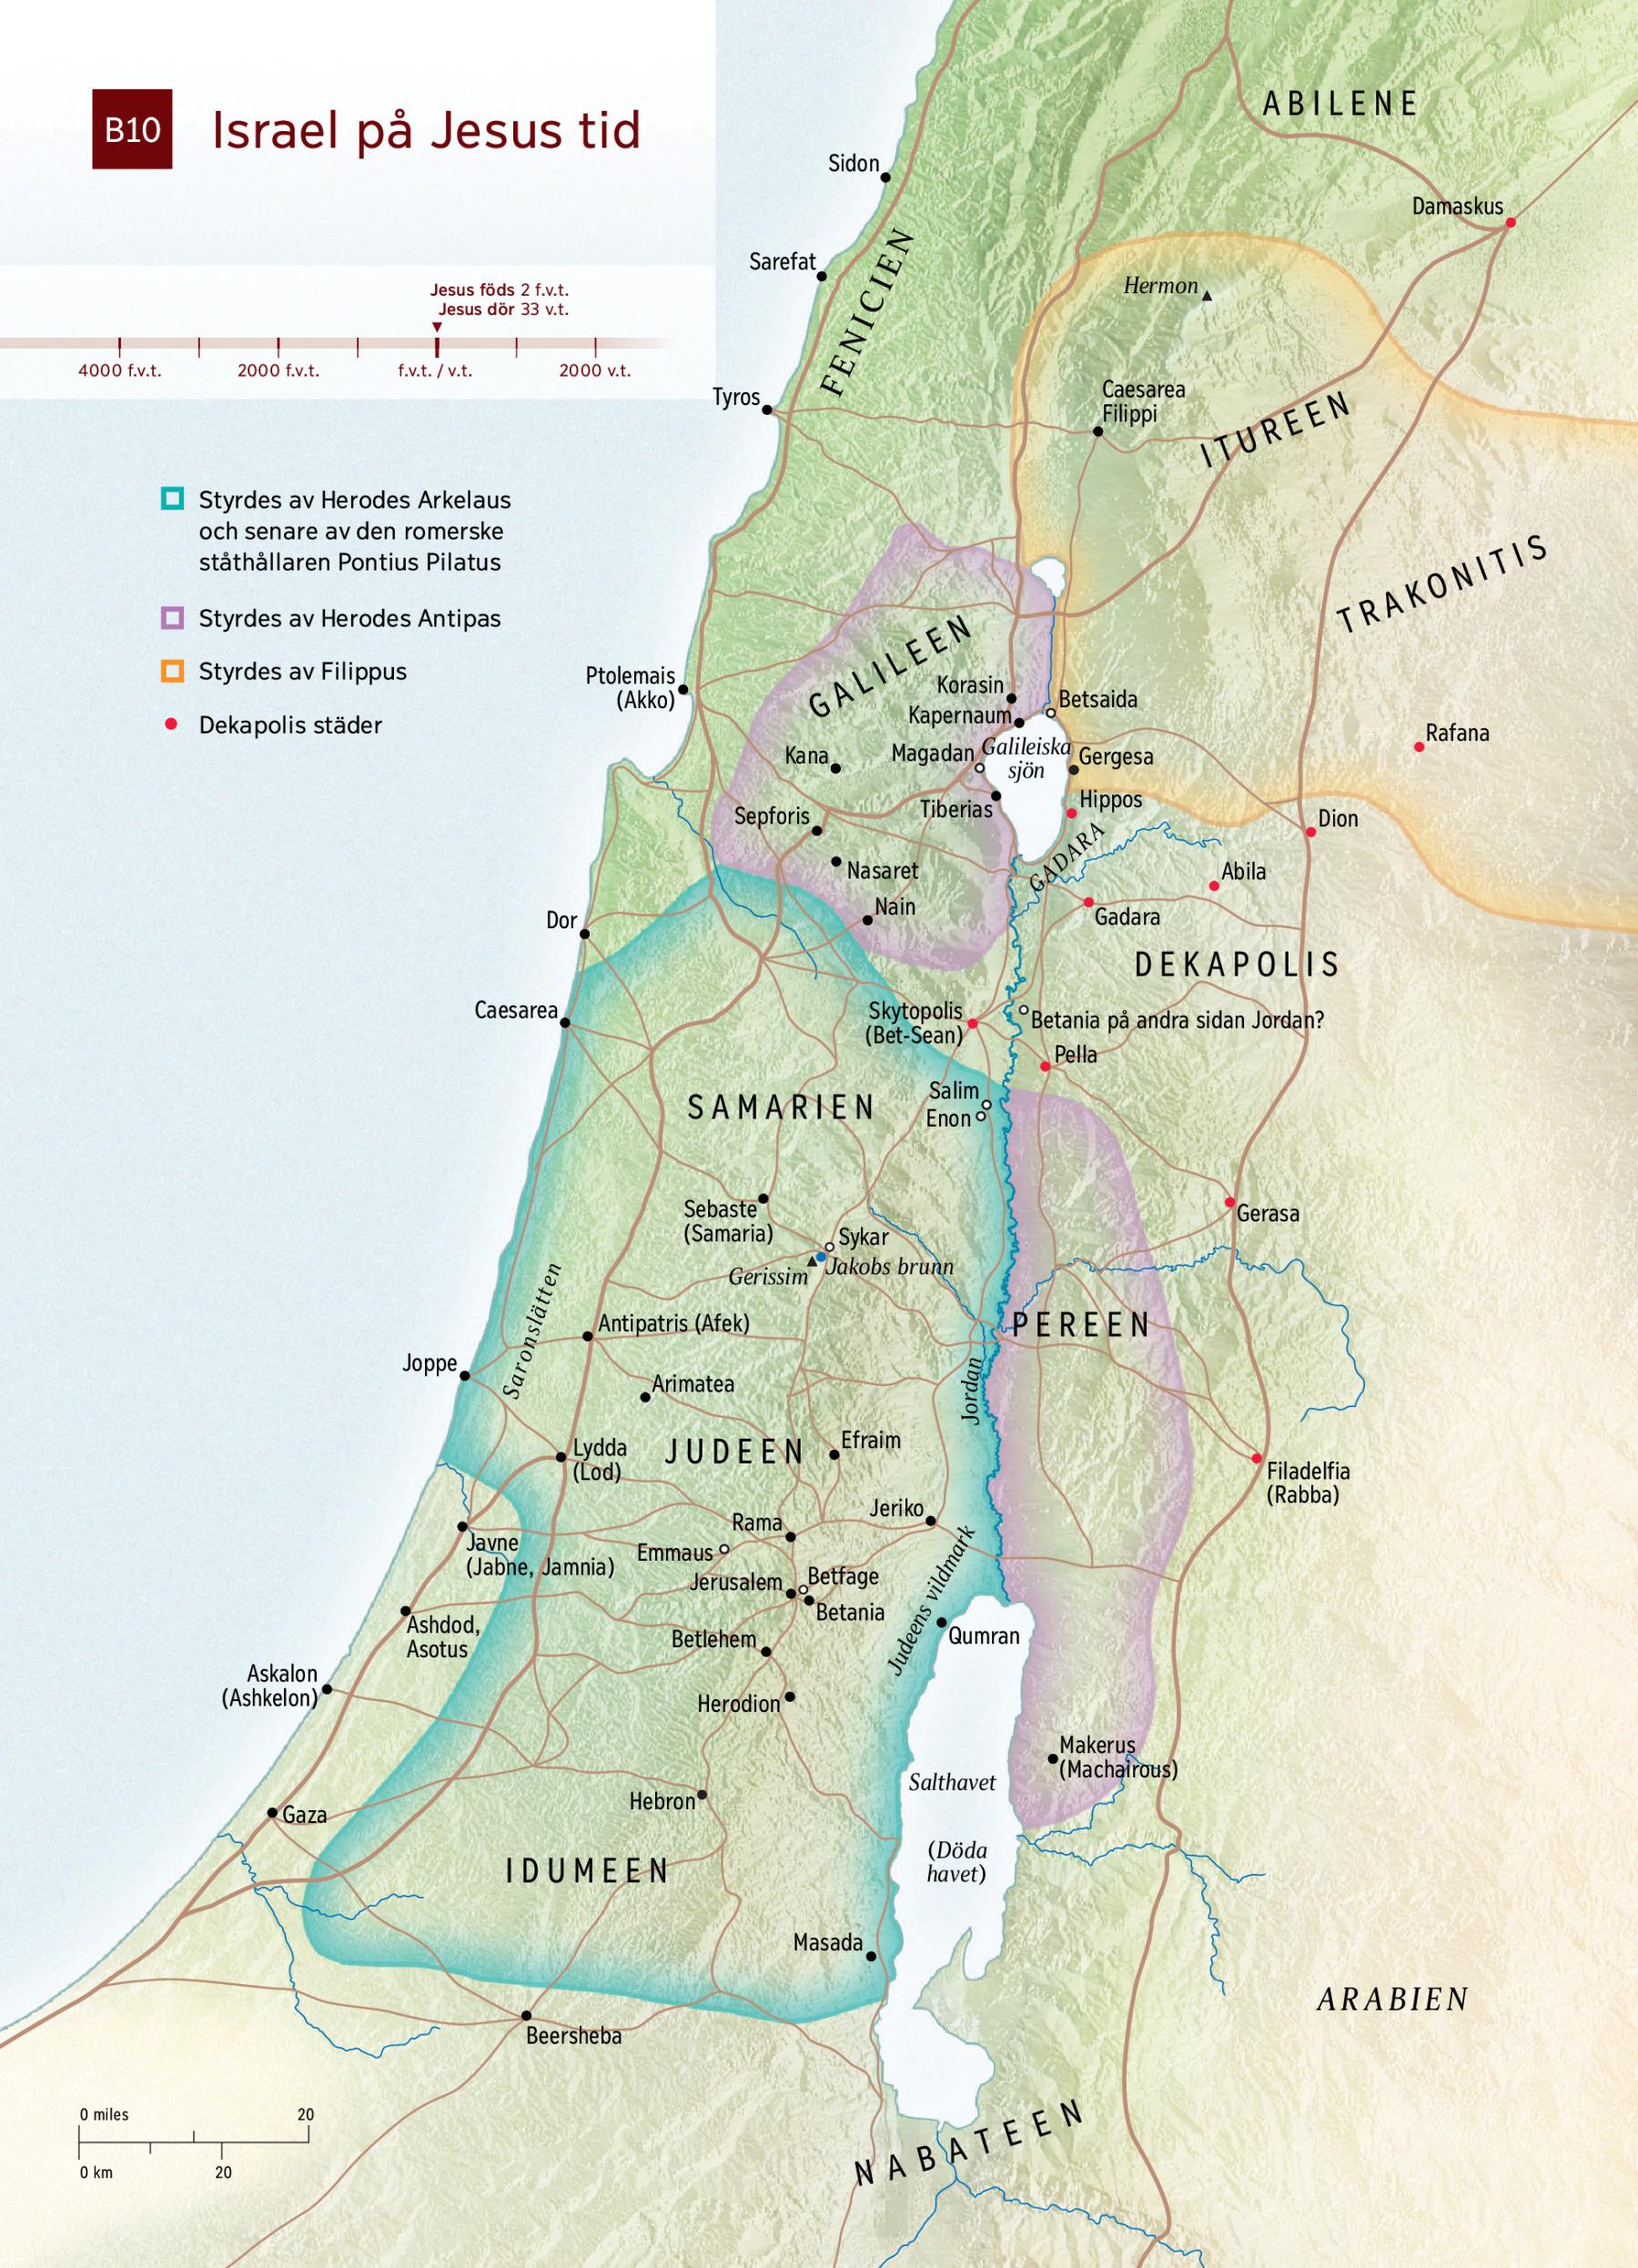 karta över israel på jesu tid Karta: Israel på Jesus tid | NWT karta över israel på jesu tid